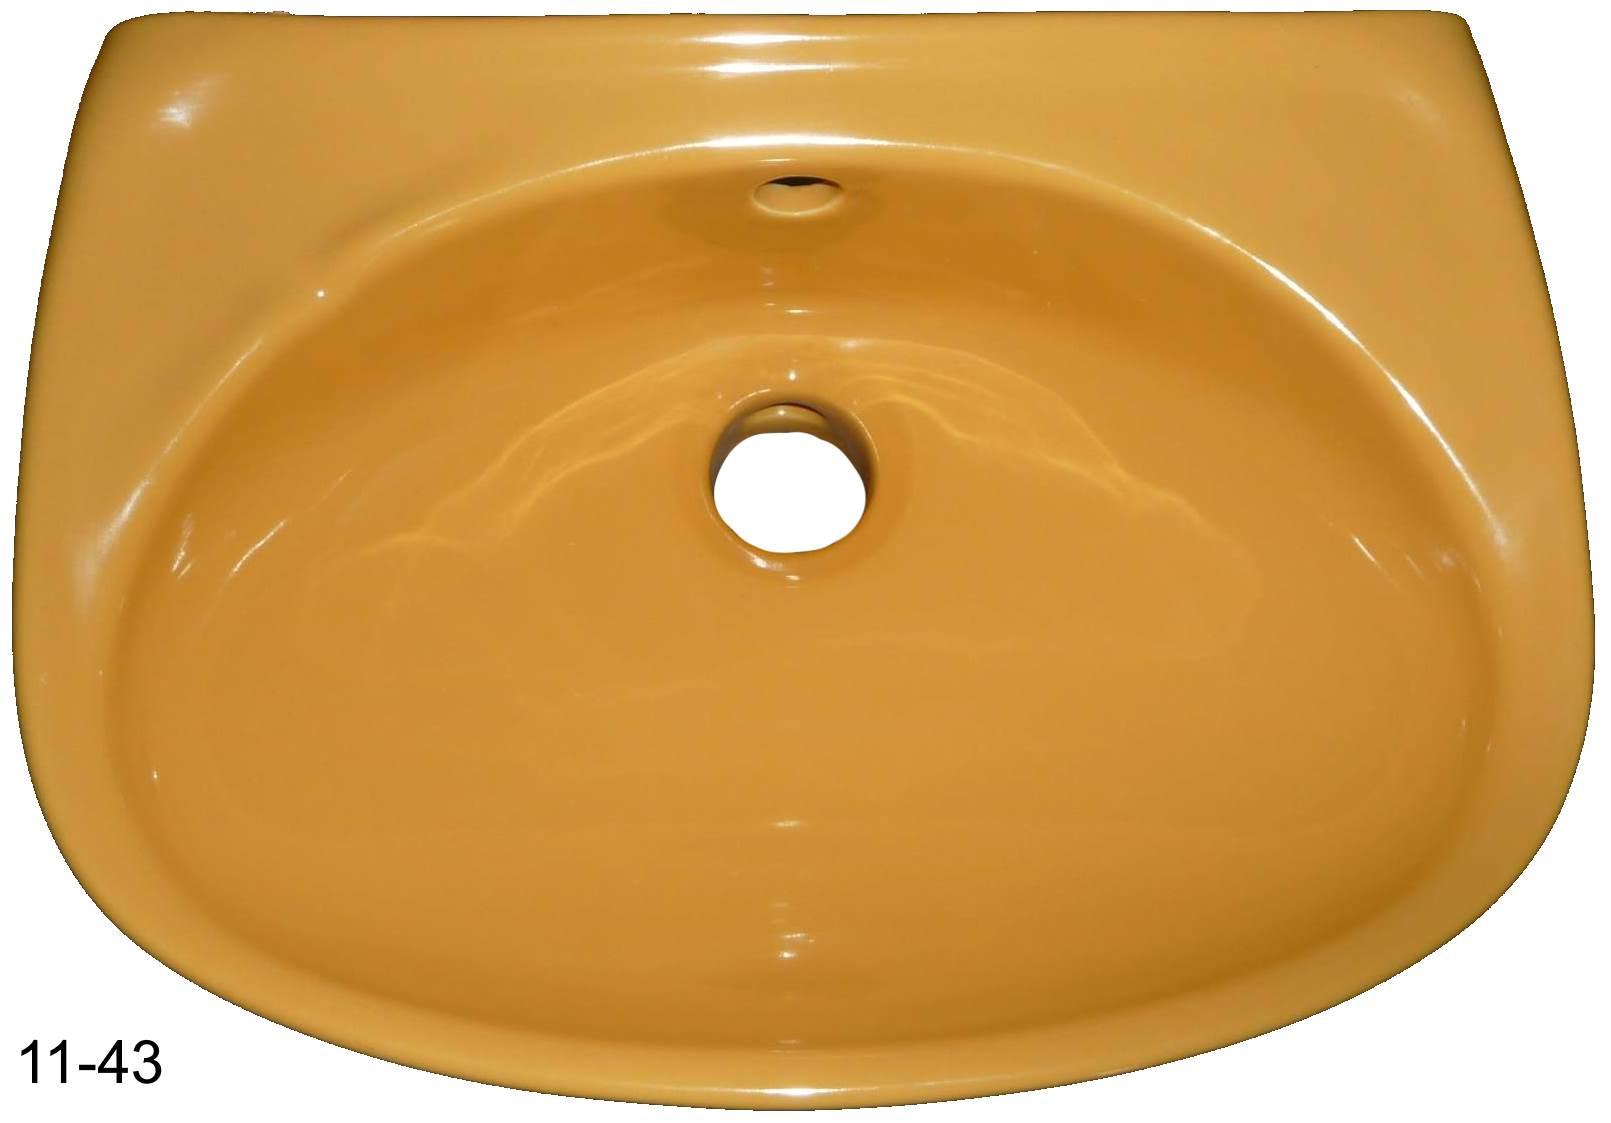 curry Handwaschbecken 35x26 cm Duravit #11-43 von oben